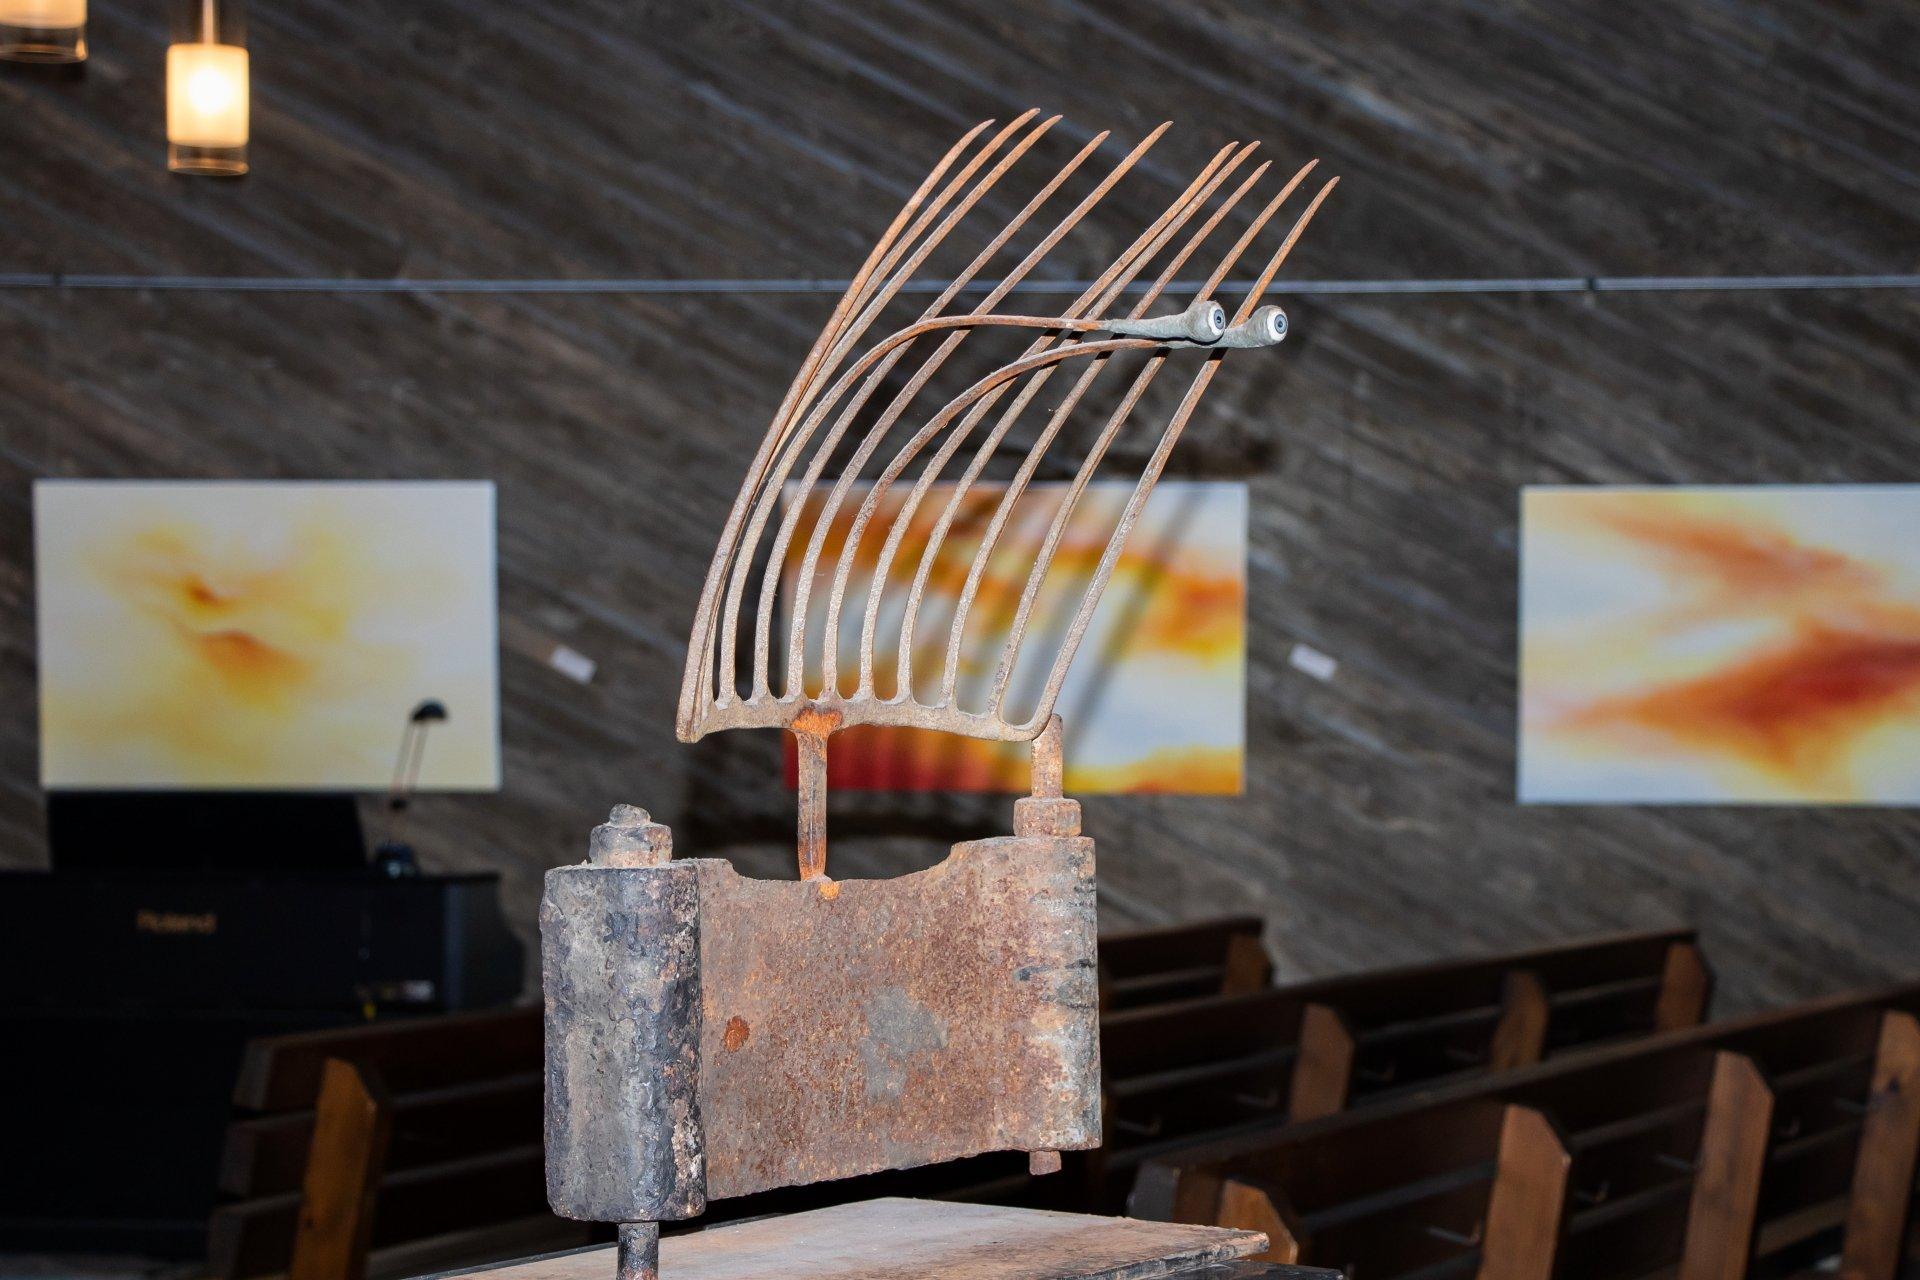 de Payrebrune Osterloh Rutzen Kulturkirche Ost Köln GAG